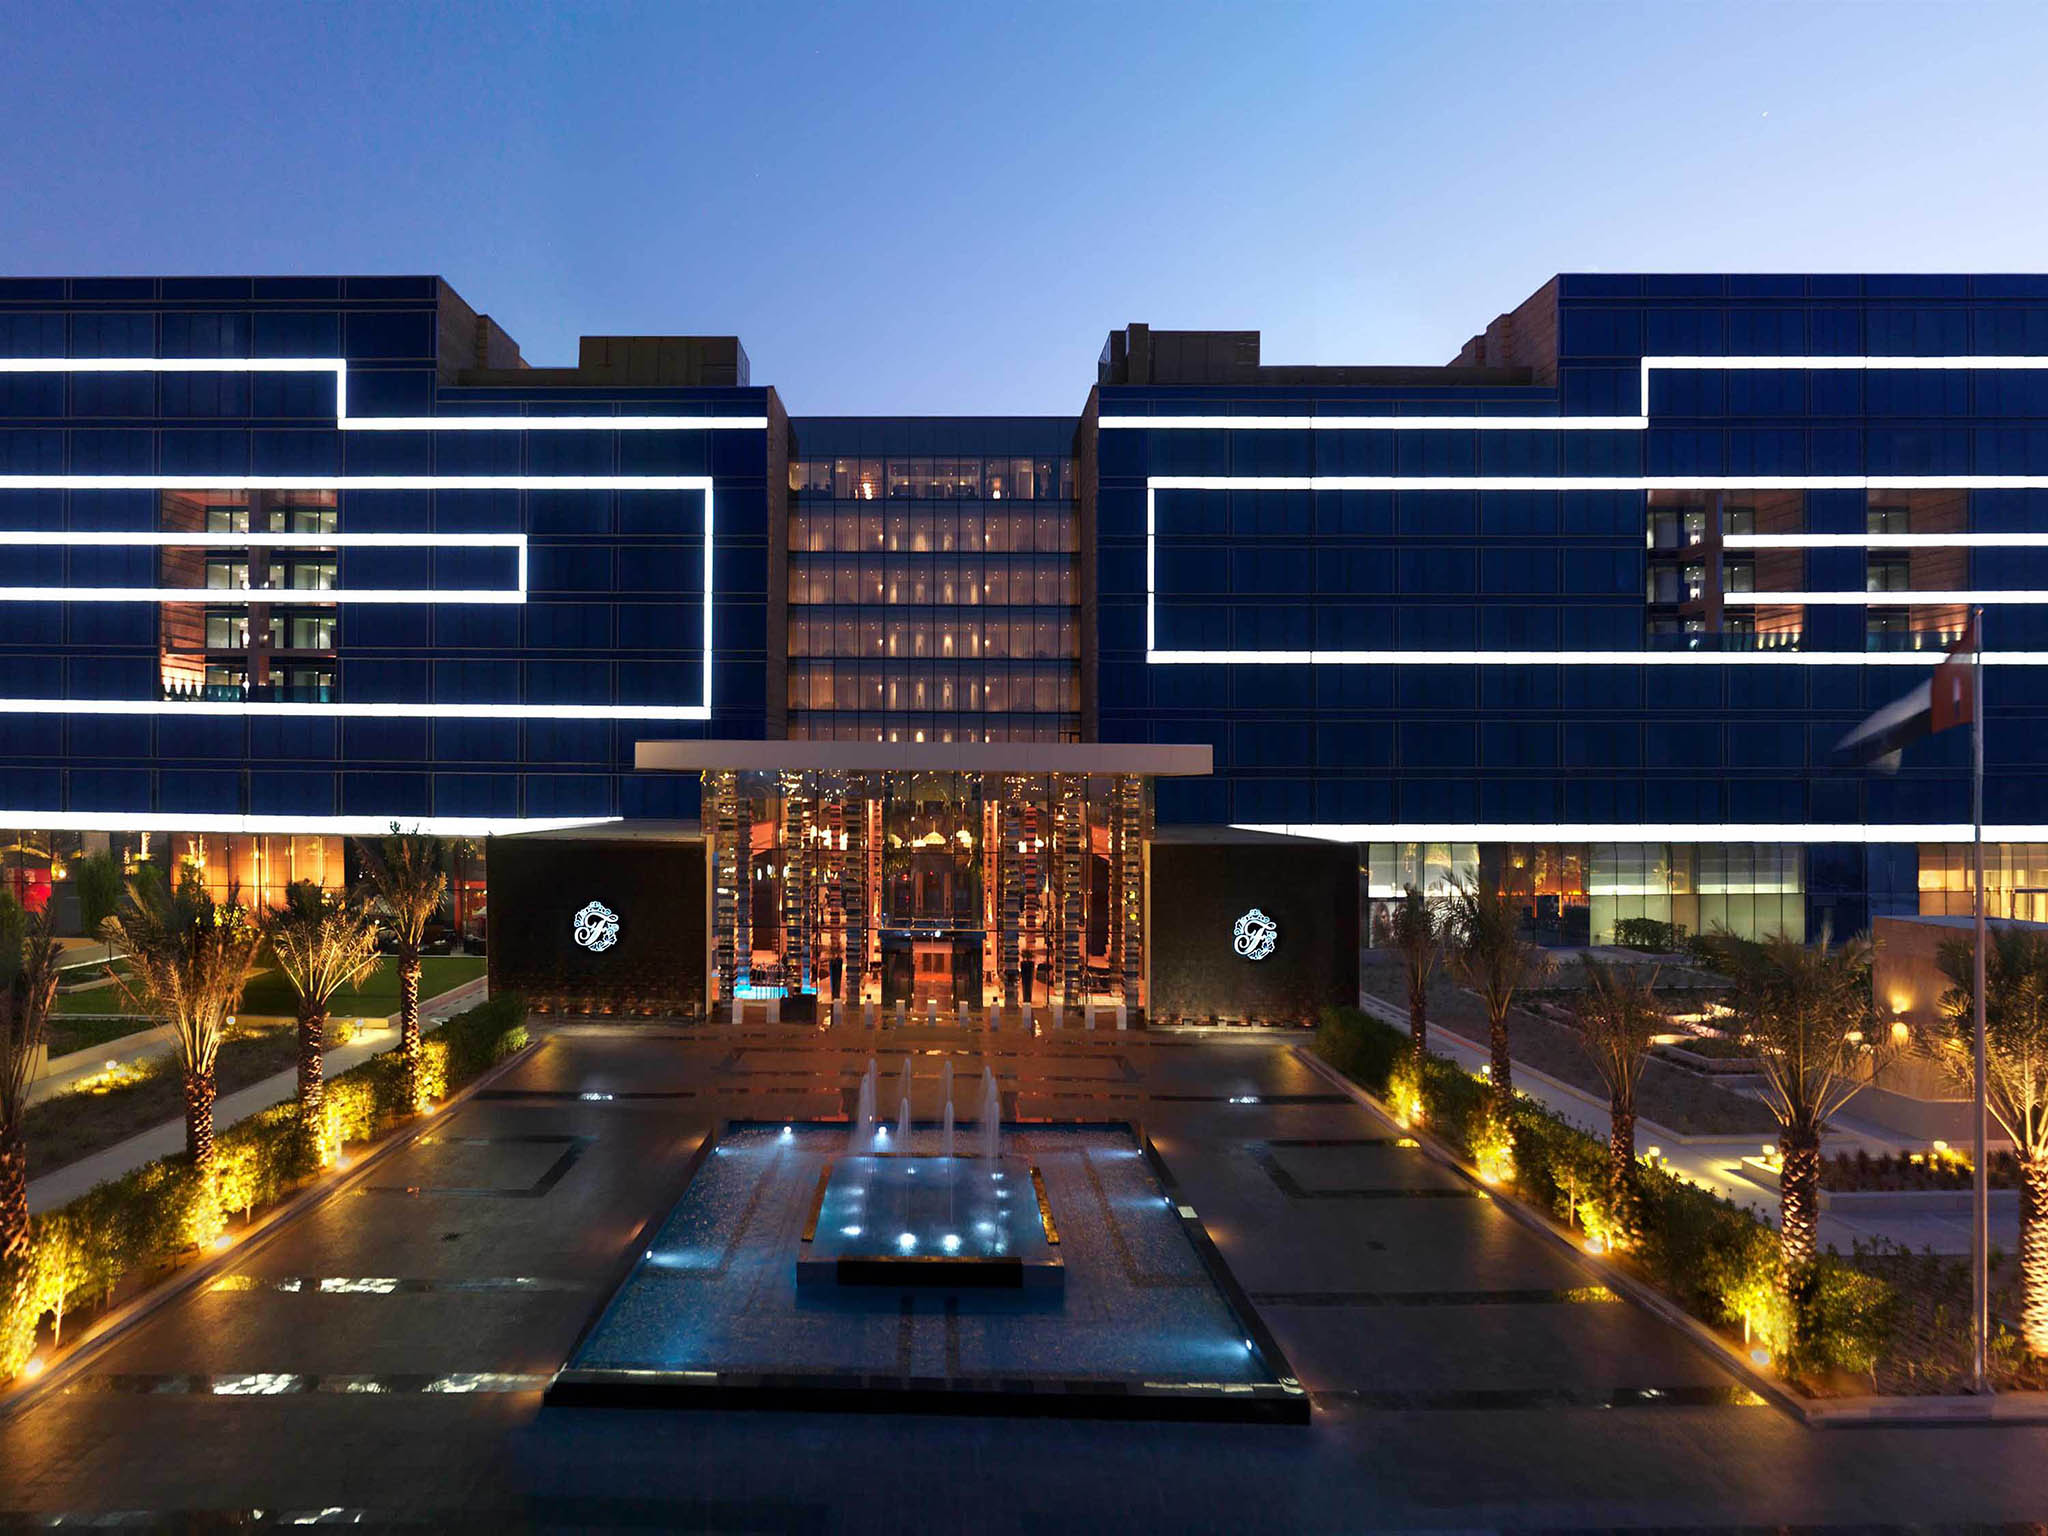 Hotel in abu dhabi fairmont bab al bahr abu dhabi for Al manzool decoration abu dhabi